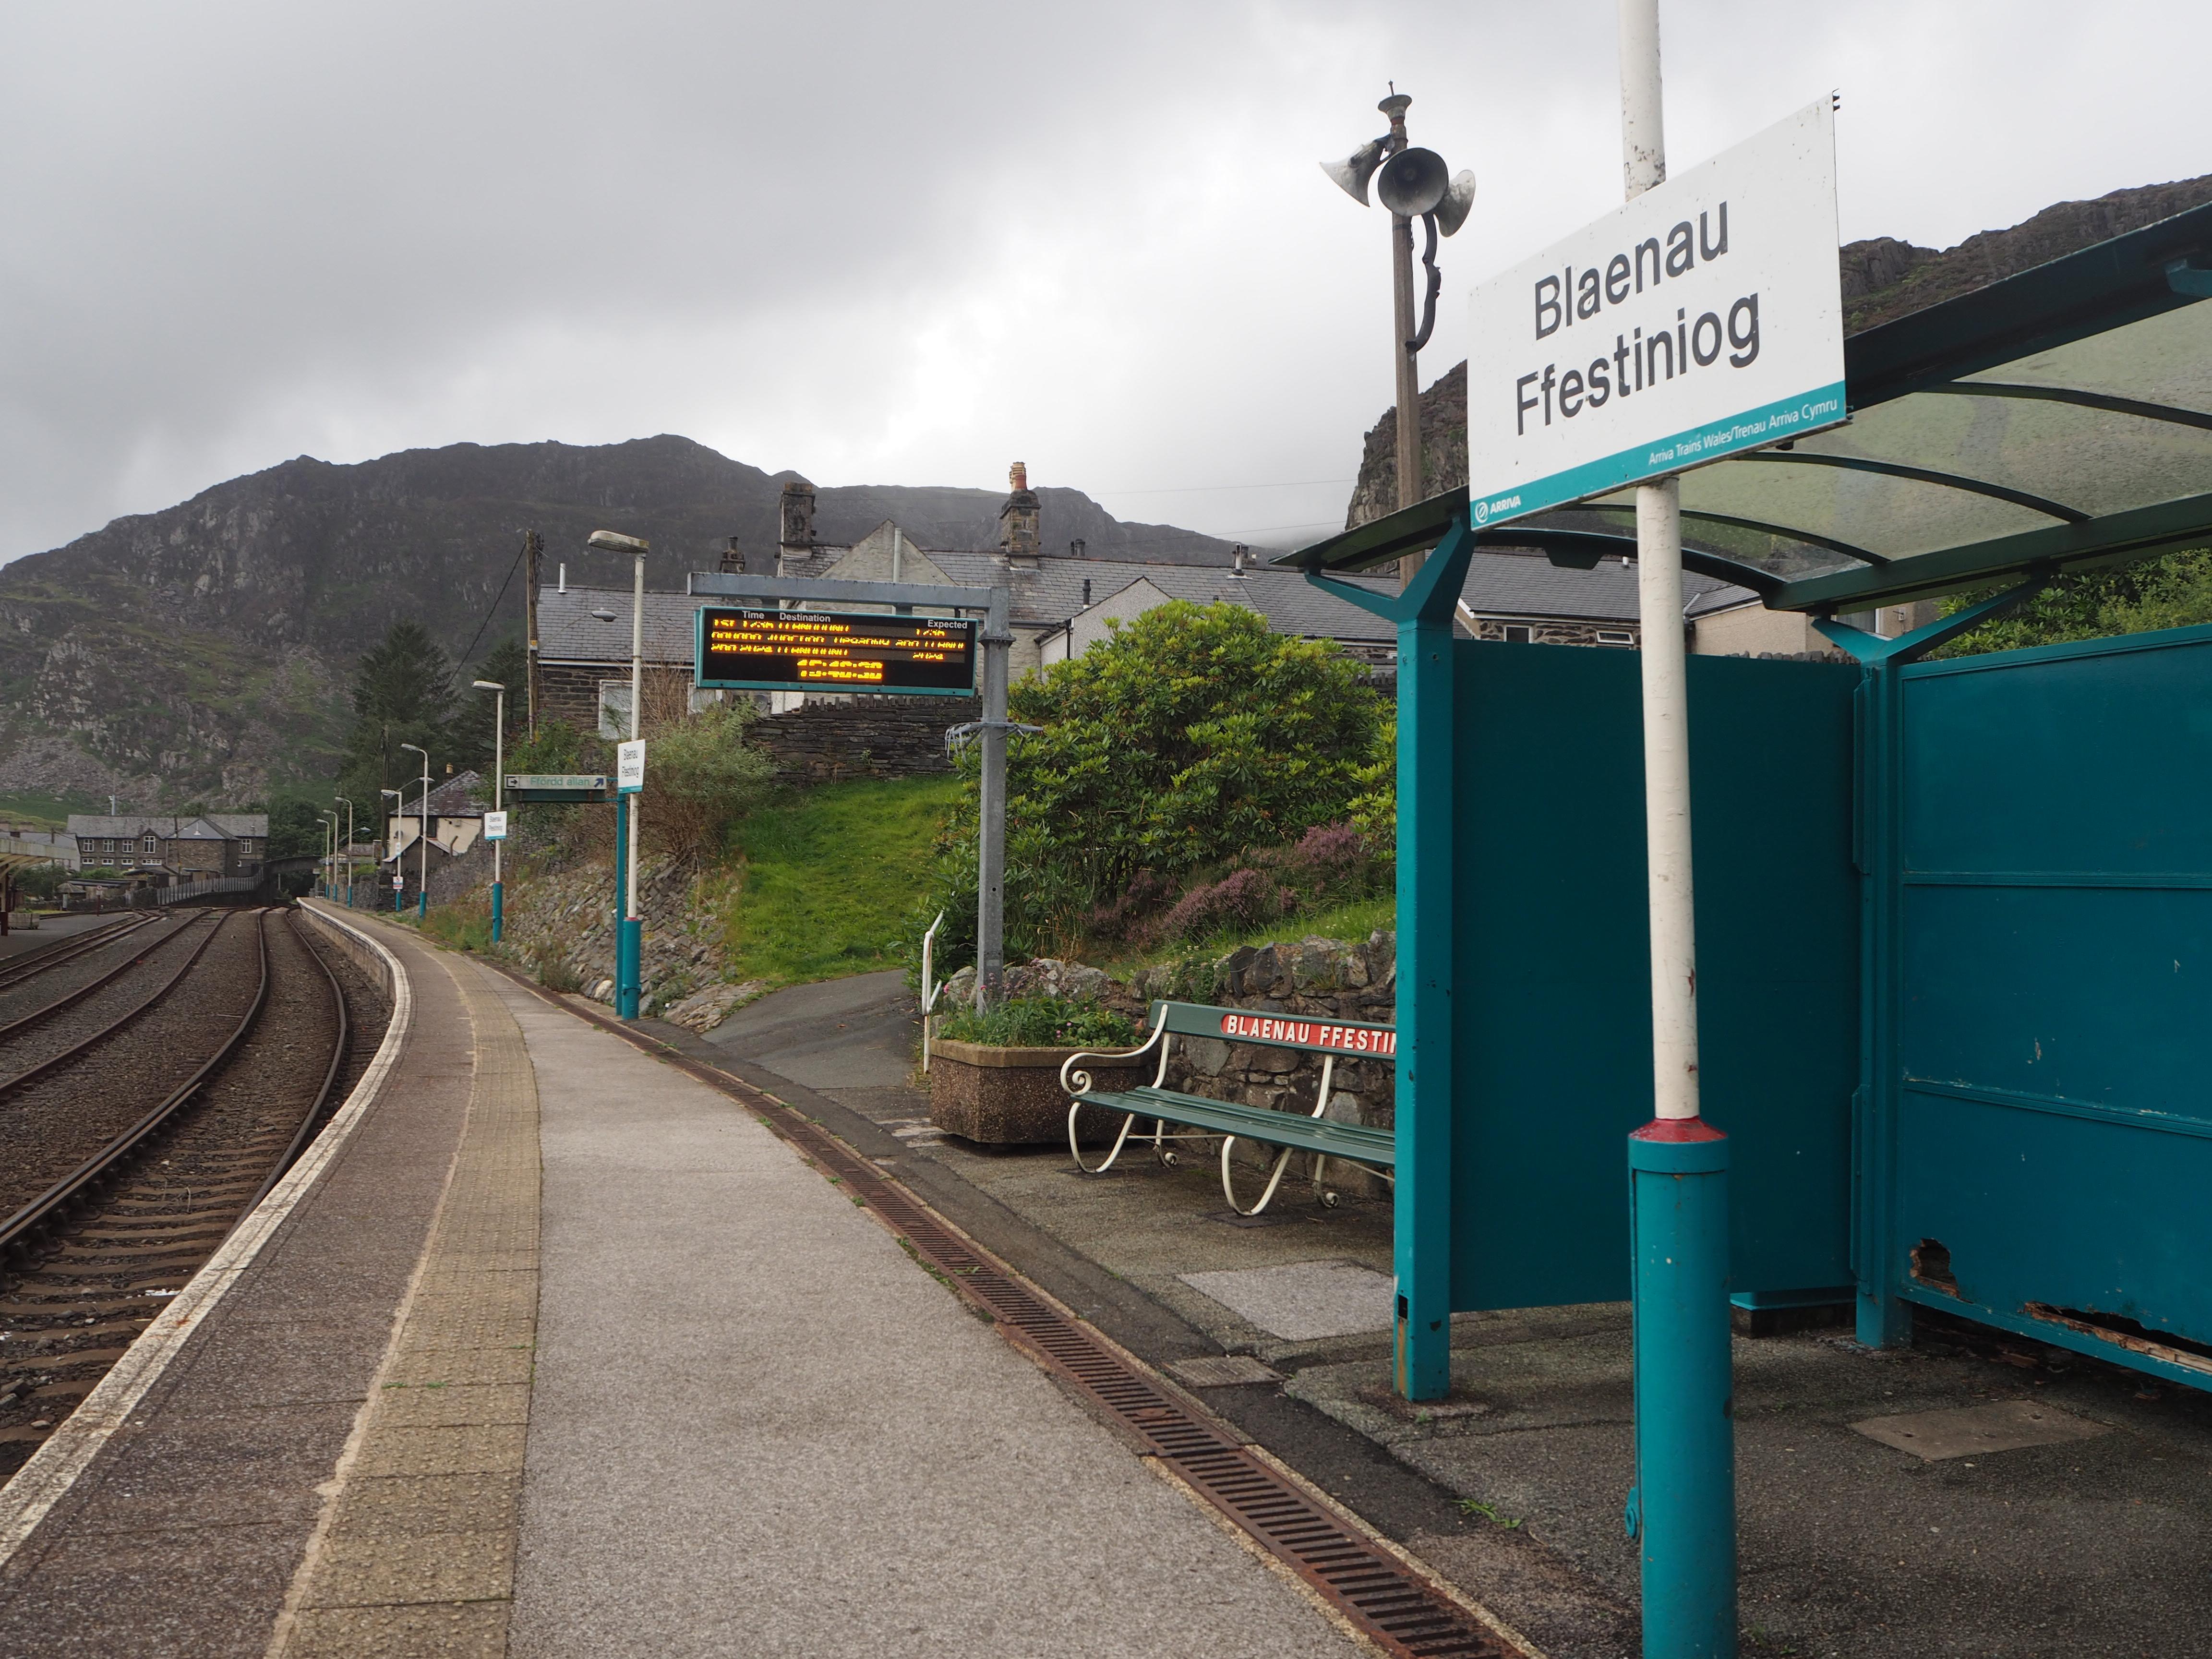 Blaenau Ffestiniog Station, Conwy Valley Railway